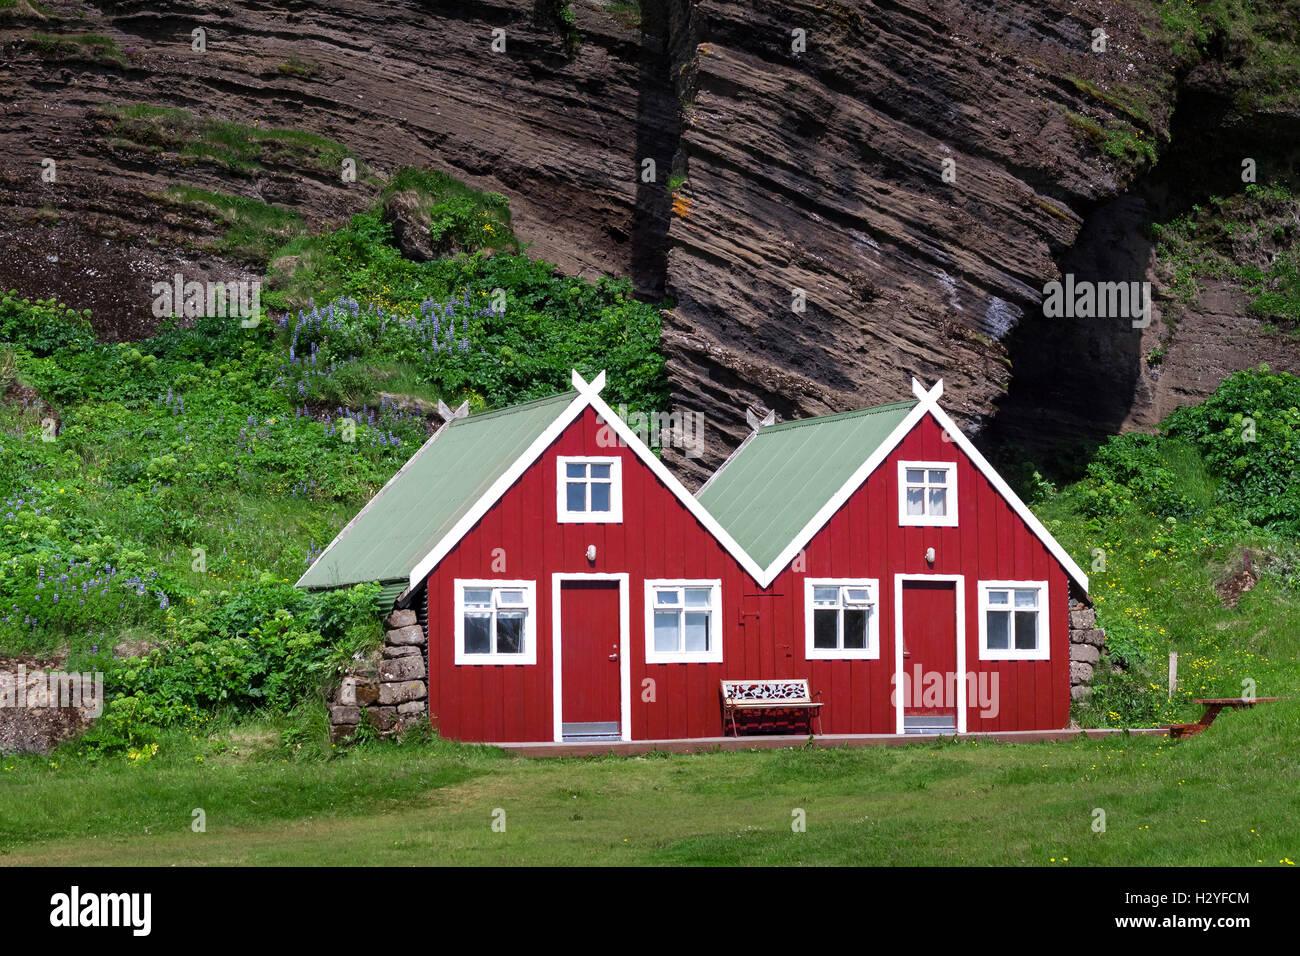 Rote Häuser Bilder zwei schöne skandinavische rote häuser stockfoto bild 122306708